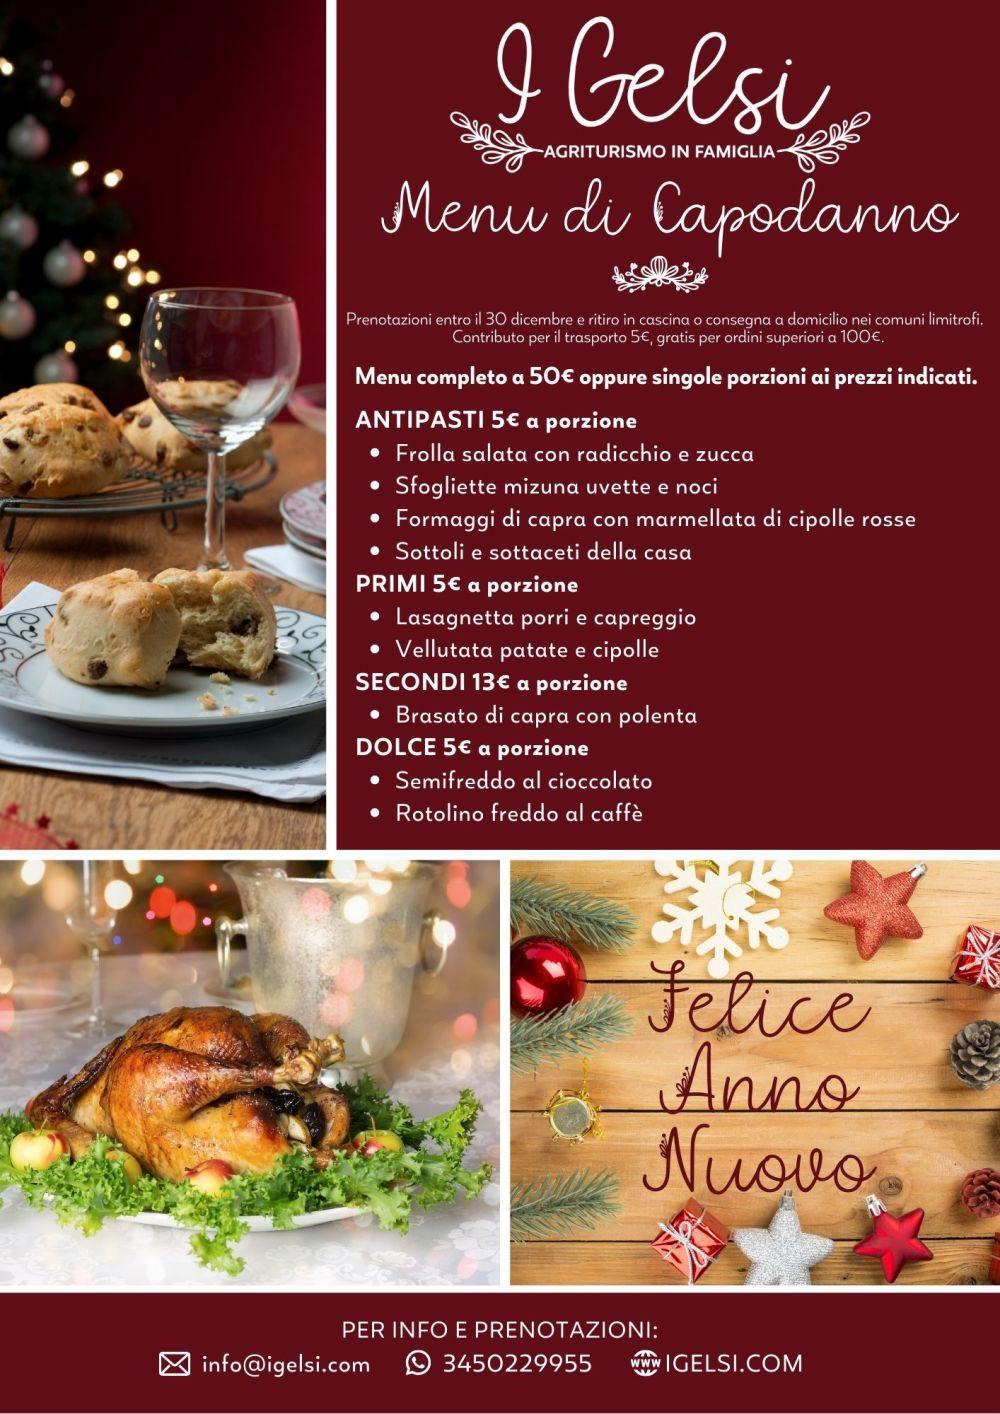 Volantino_menu_Capodanno